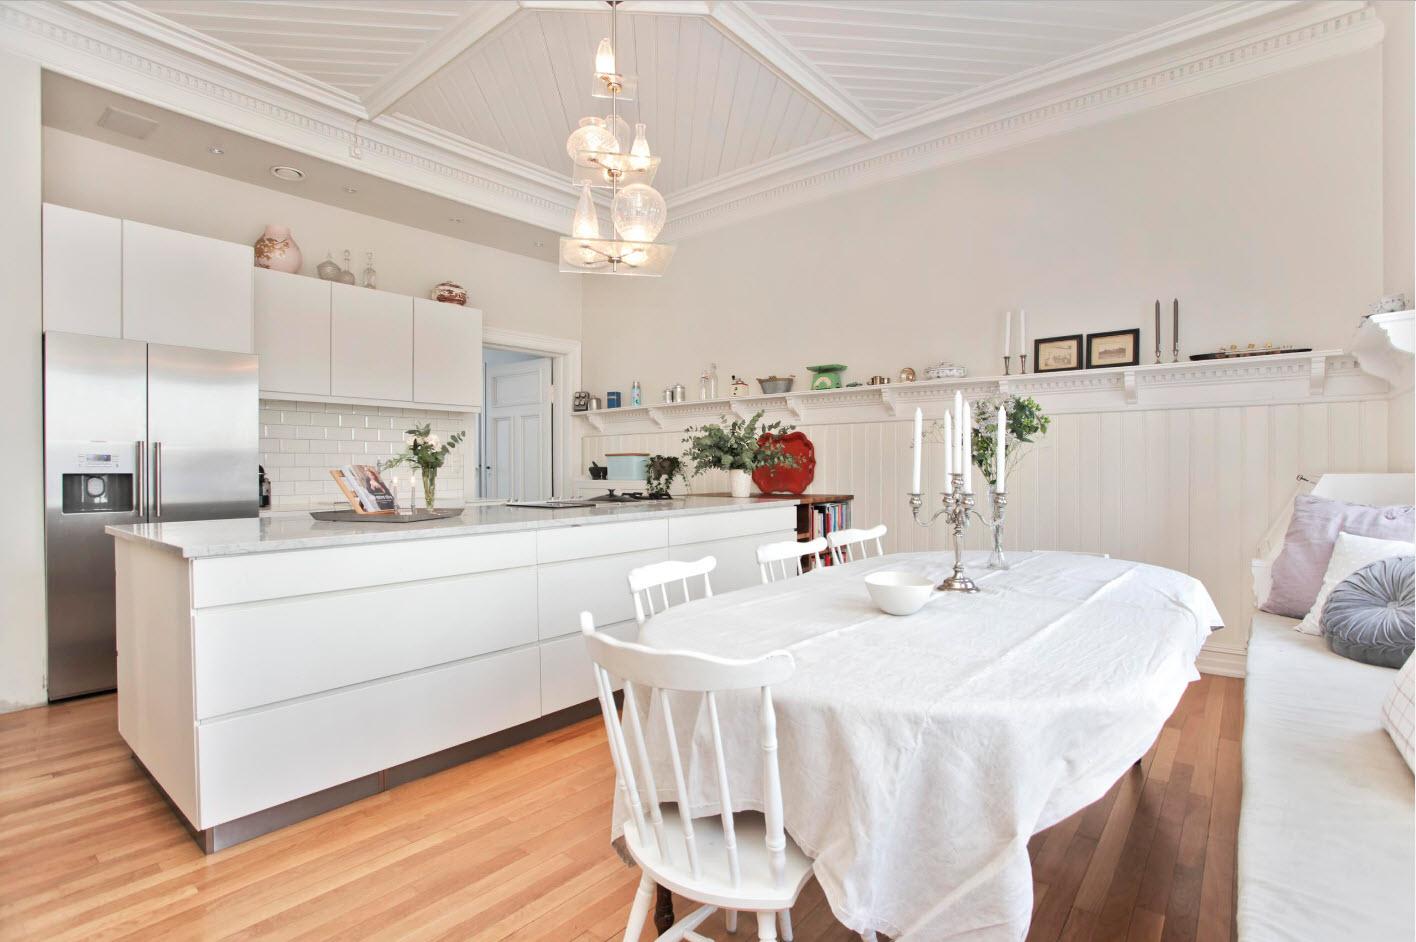 Кухня-столовая в белых тонах